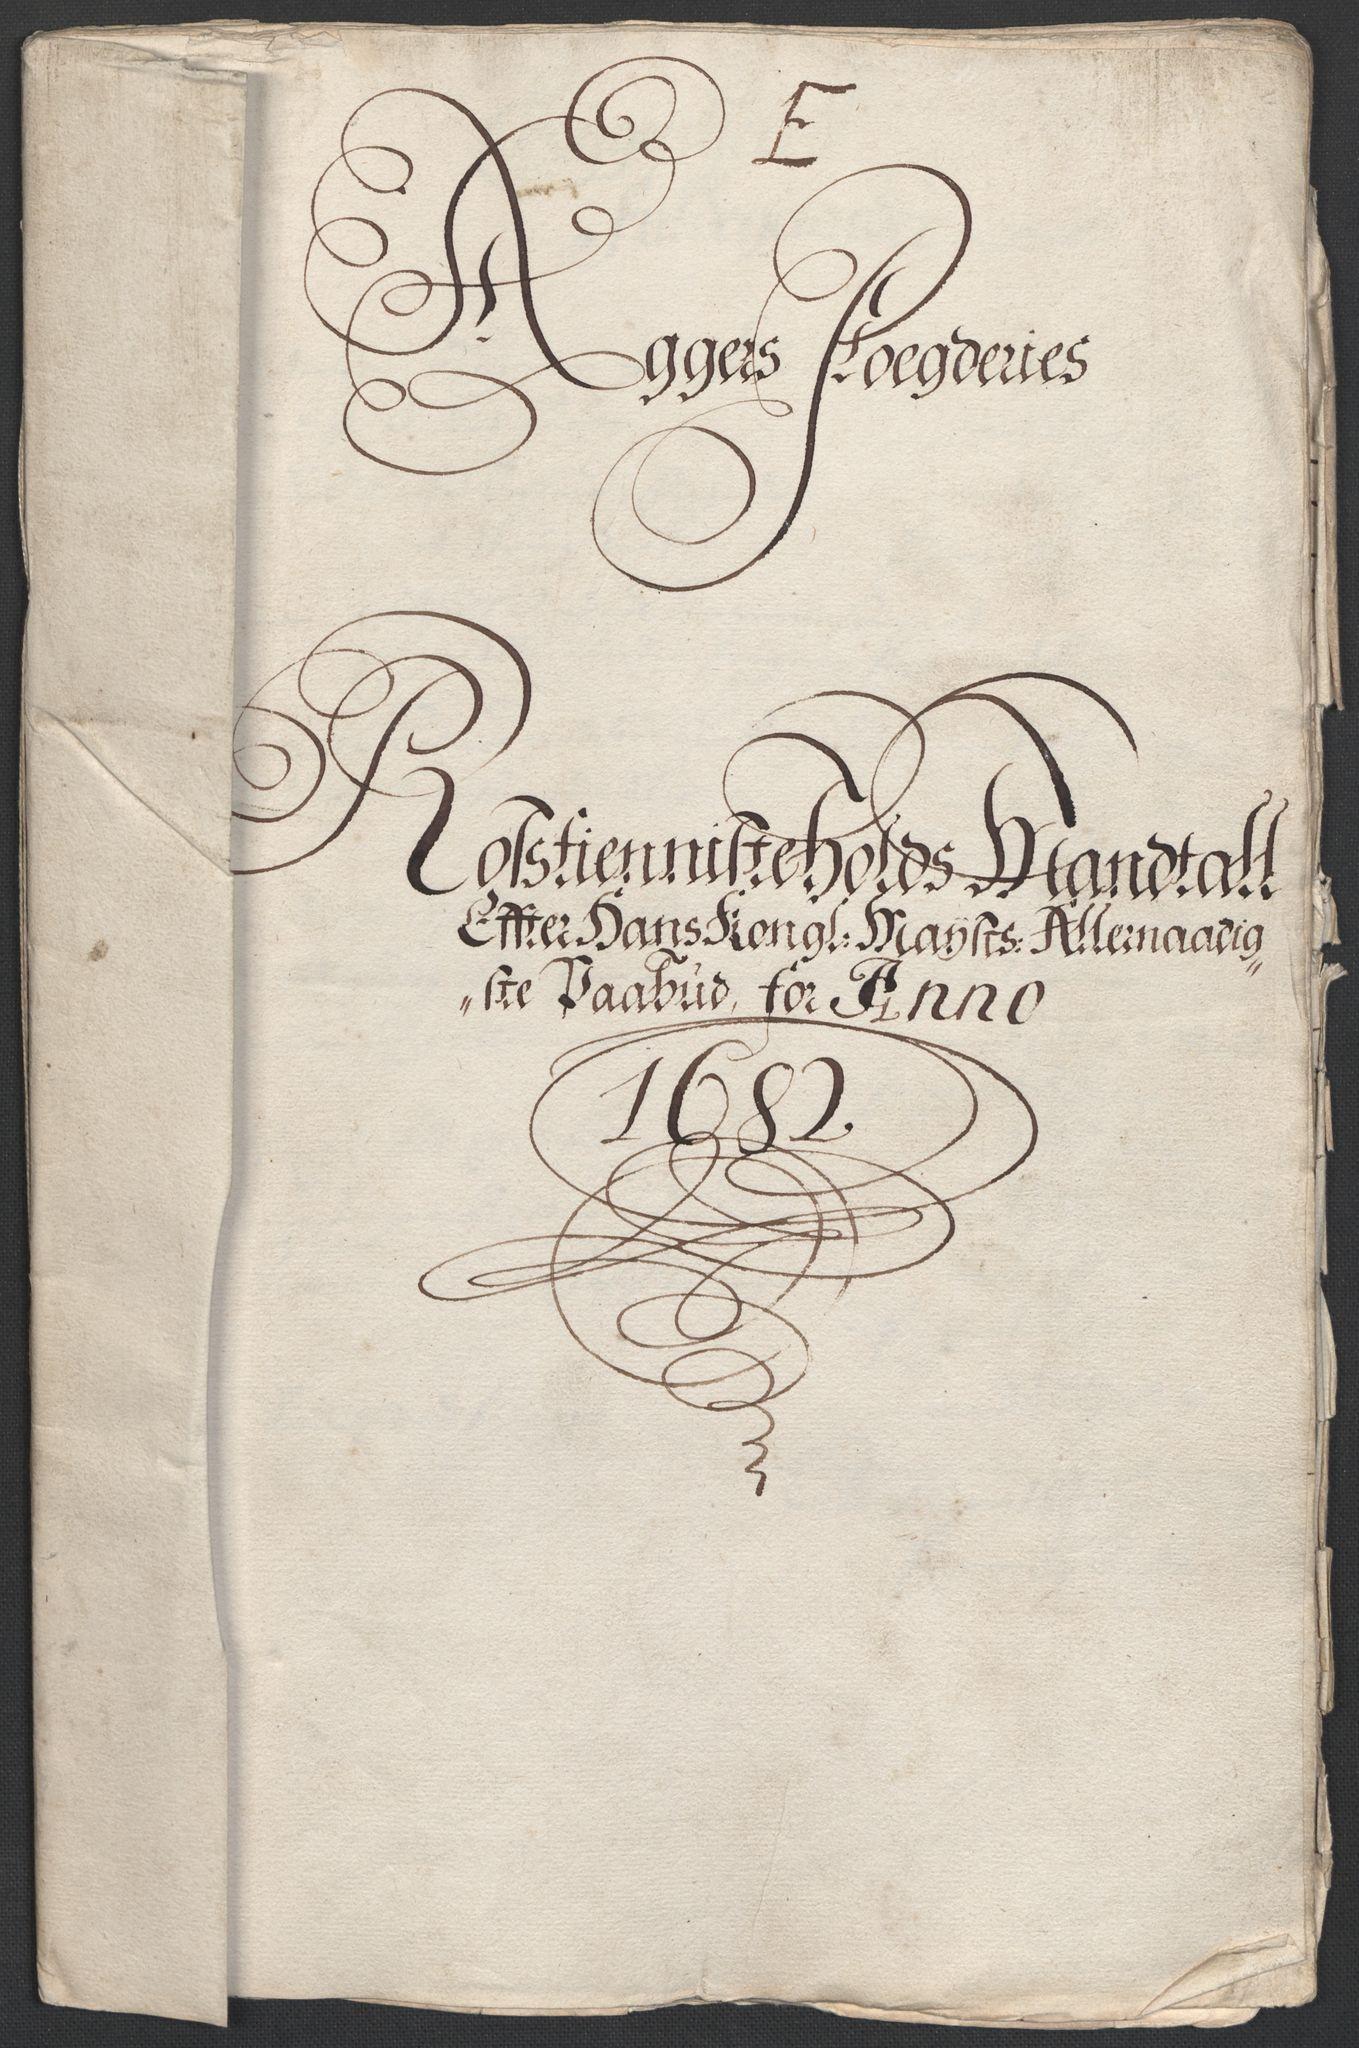 RA, Rentekammeret inntil 1814, Reviderte regnskaper, Fogderegnskap, R08/L0420: Fogderegnskap Aker, 1682-1691, s. 169